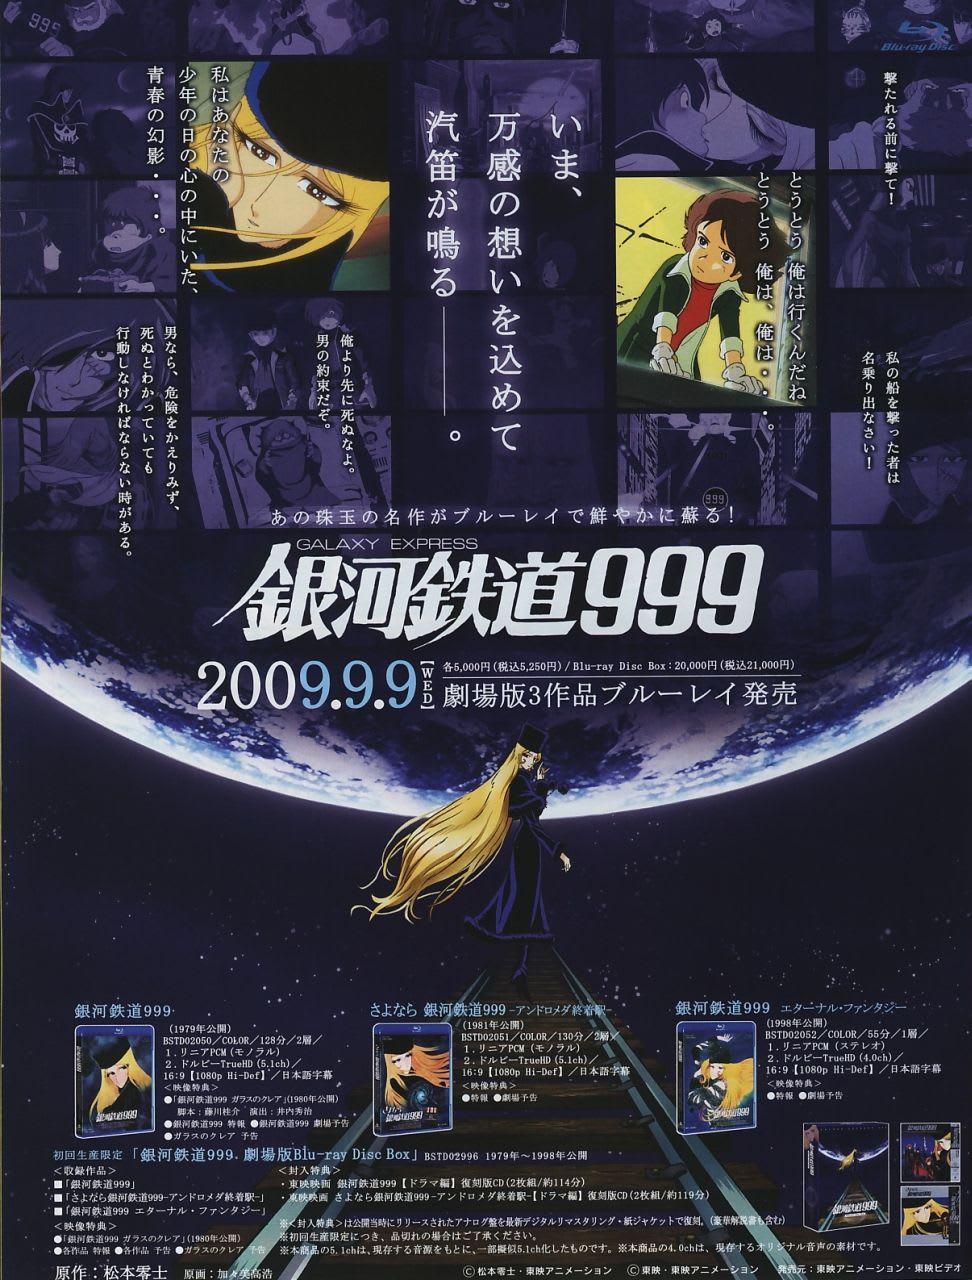 銀河鉄道999 blu-rayリリース - opus magnum